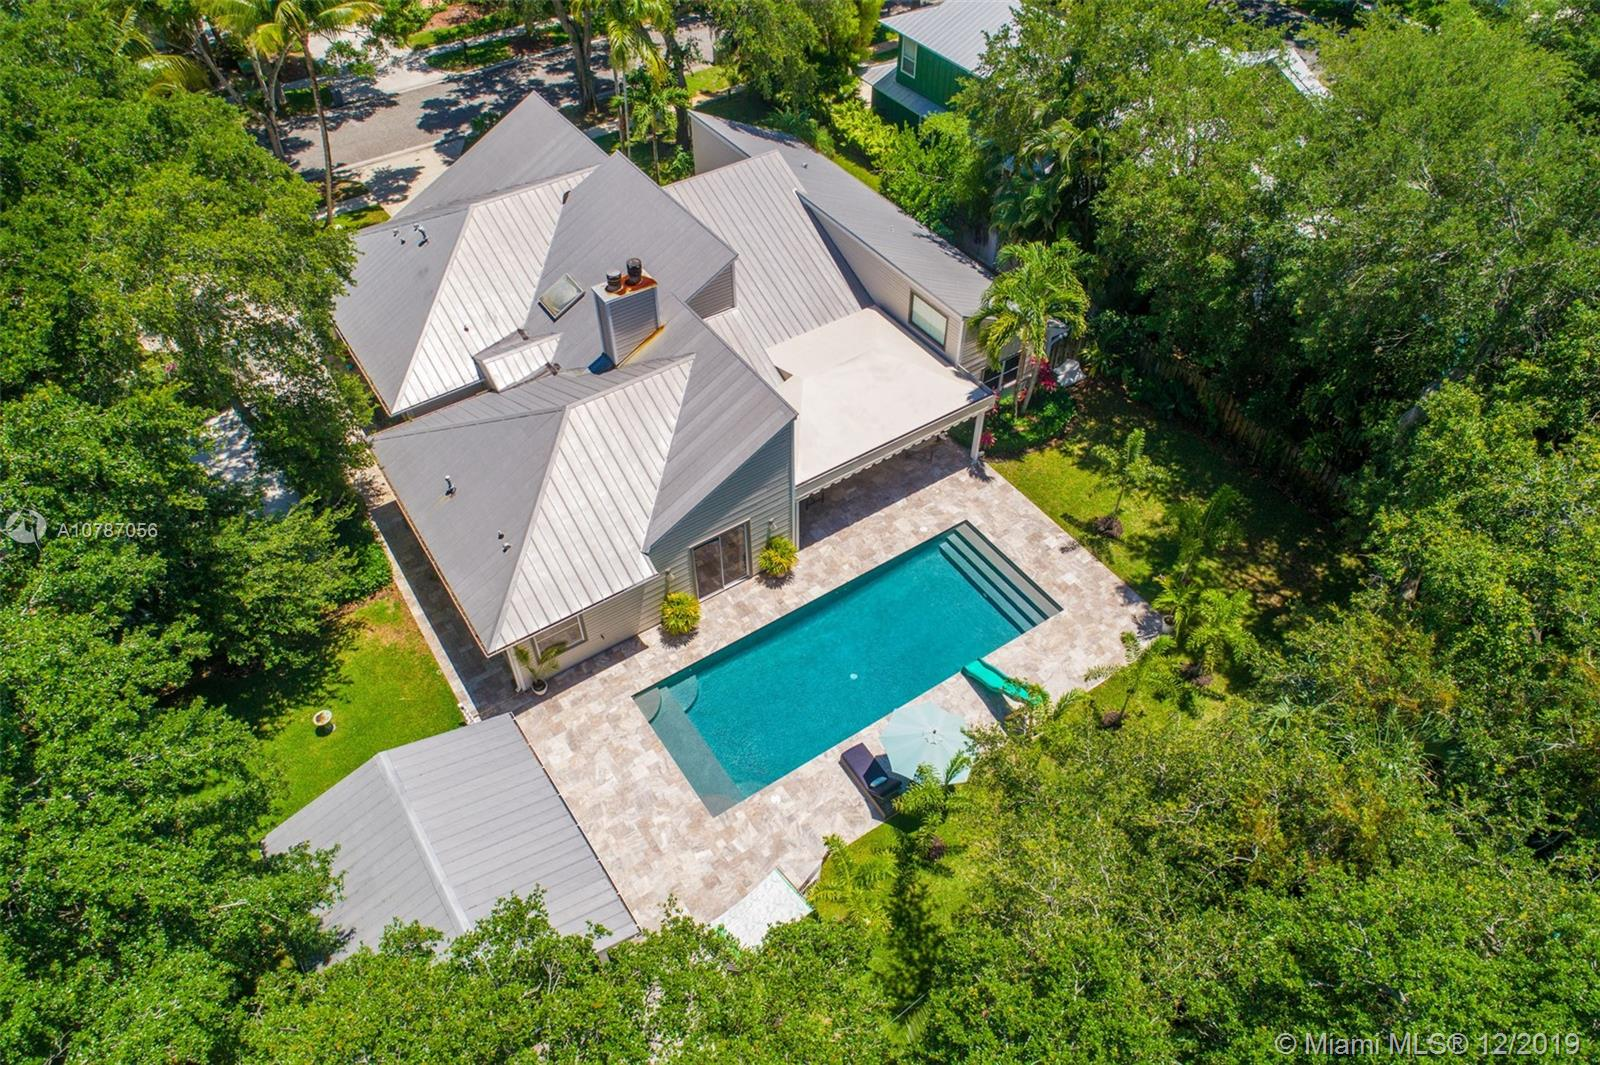 13025 Coastal Cir, Palm Beach Gardens, FL 33410